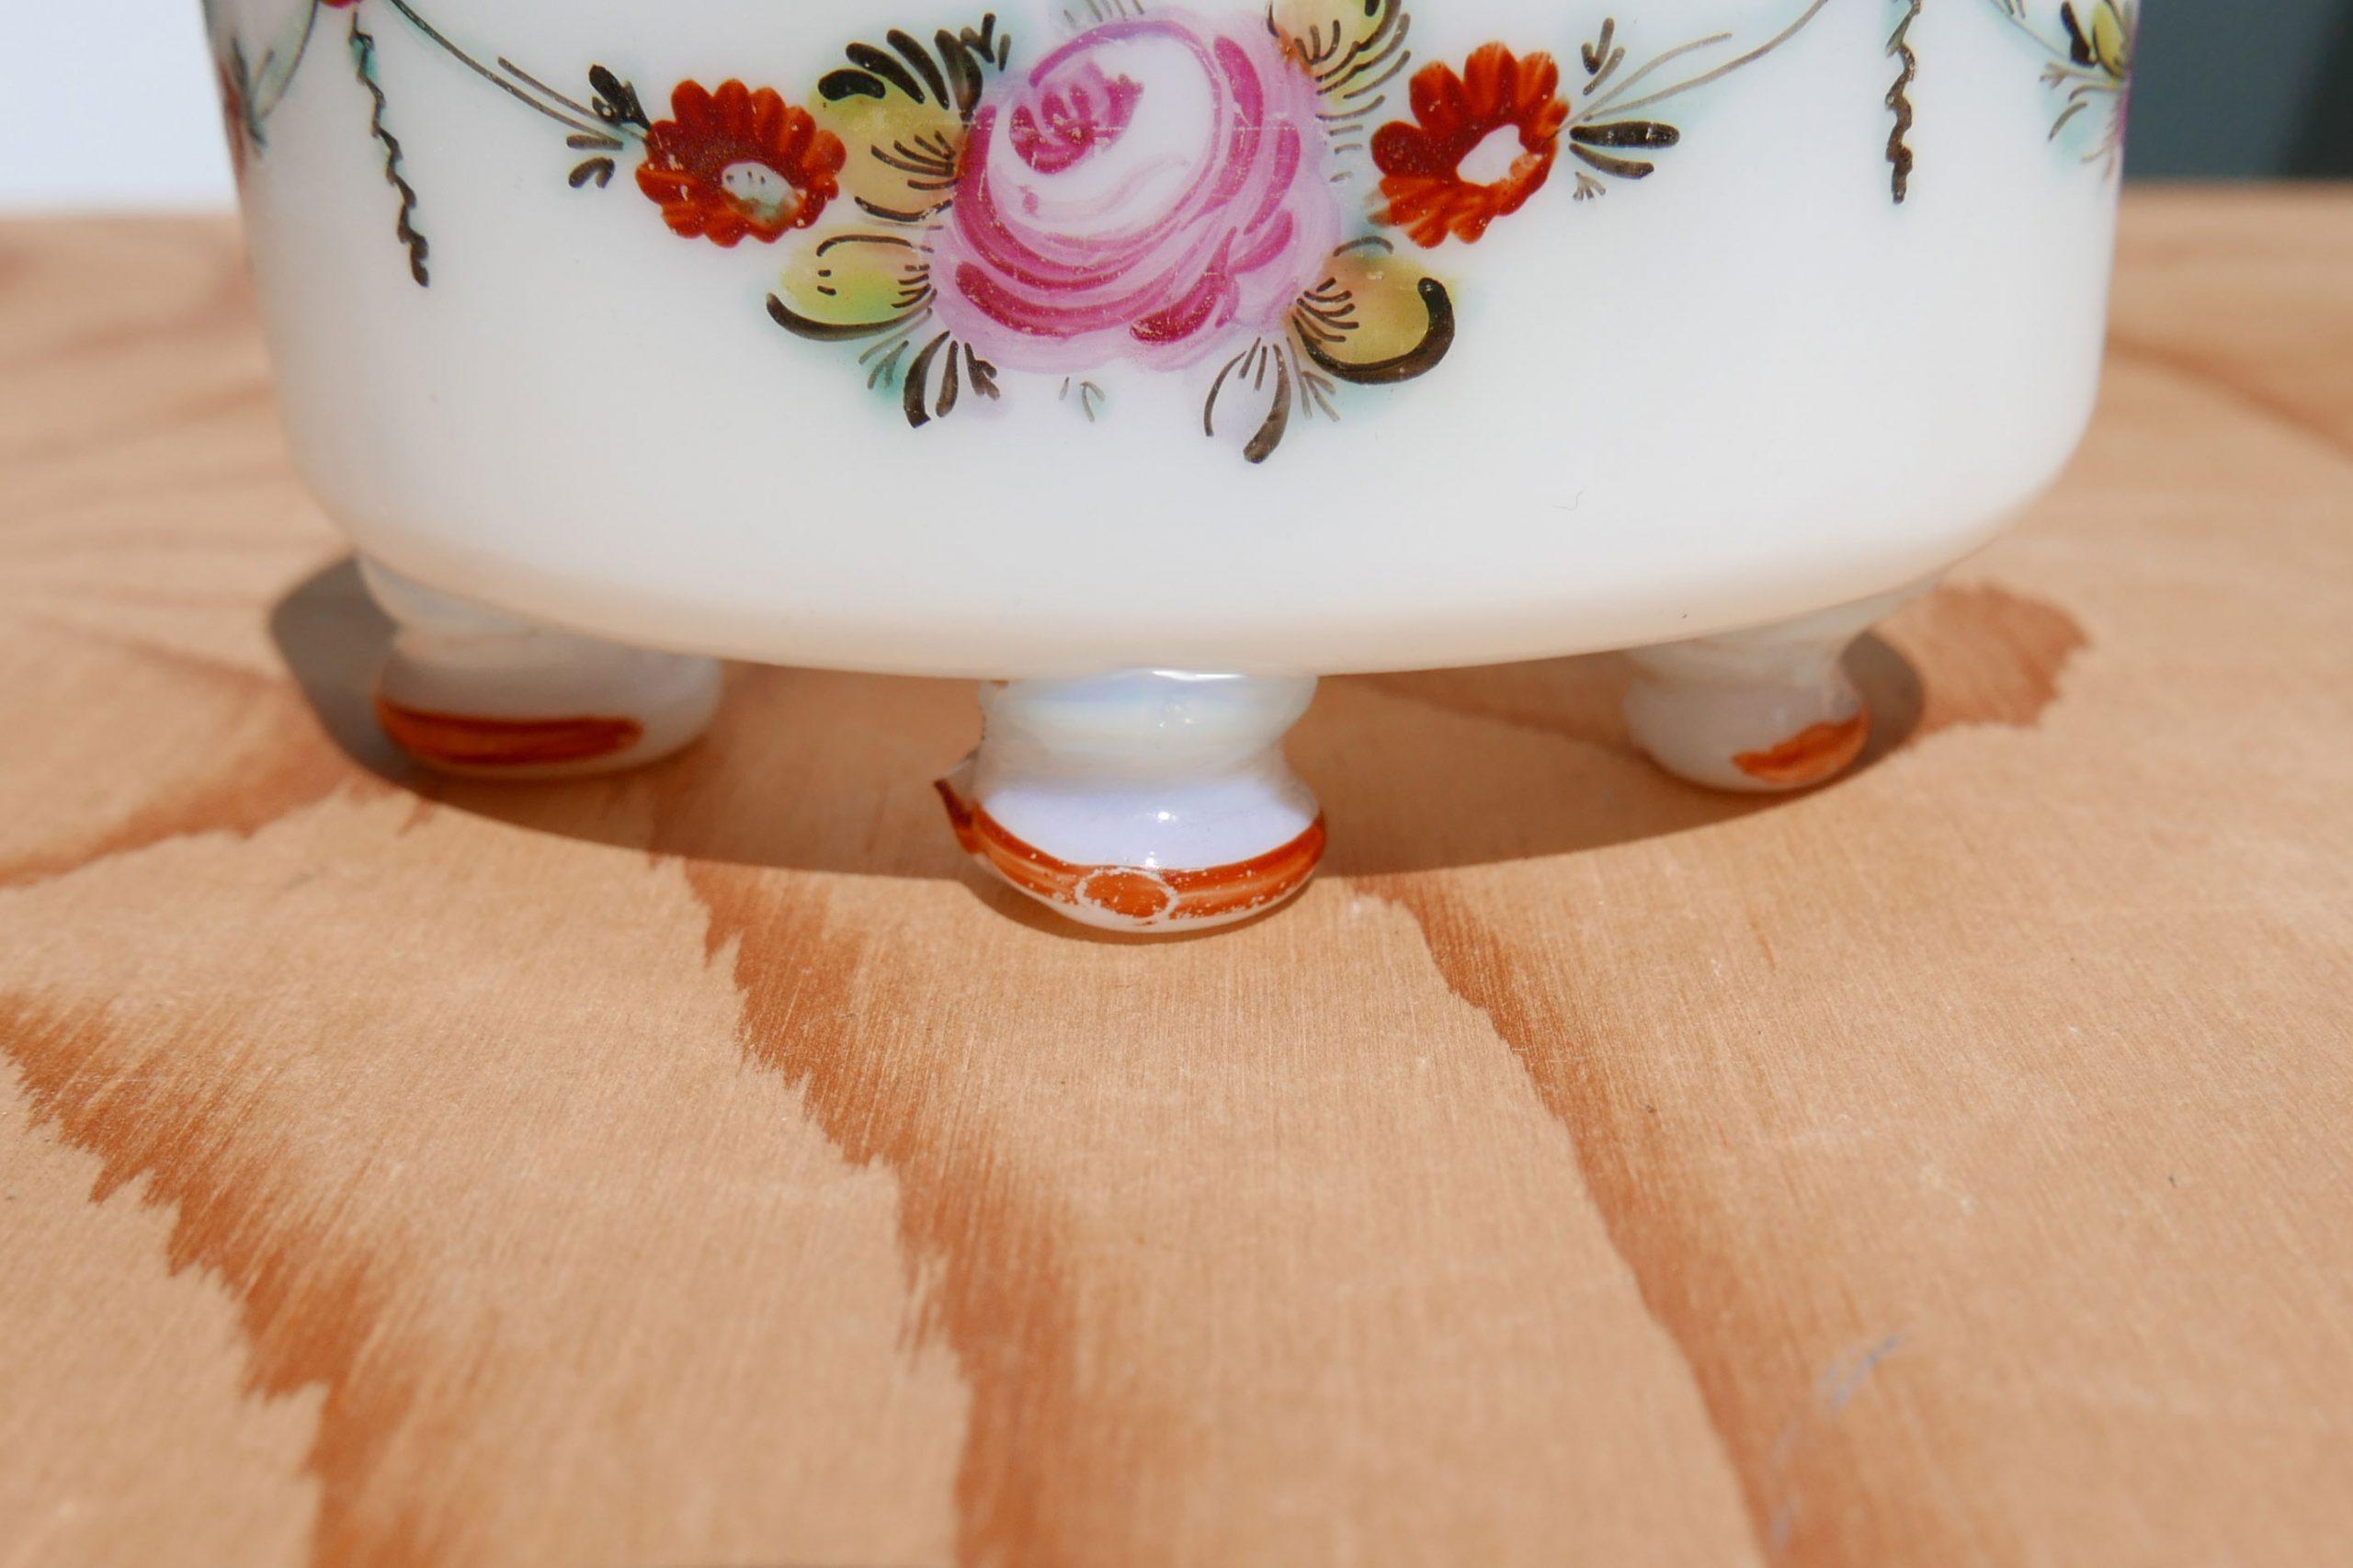 kleine ovale Glasschale mot Füßchen und Blumendekor, handgemalt